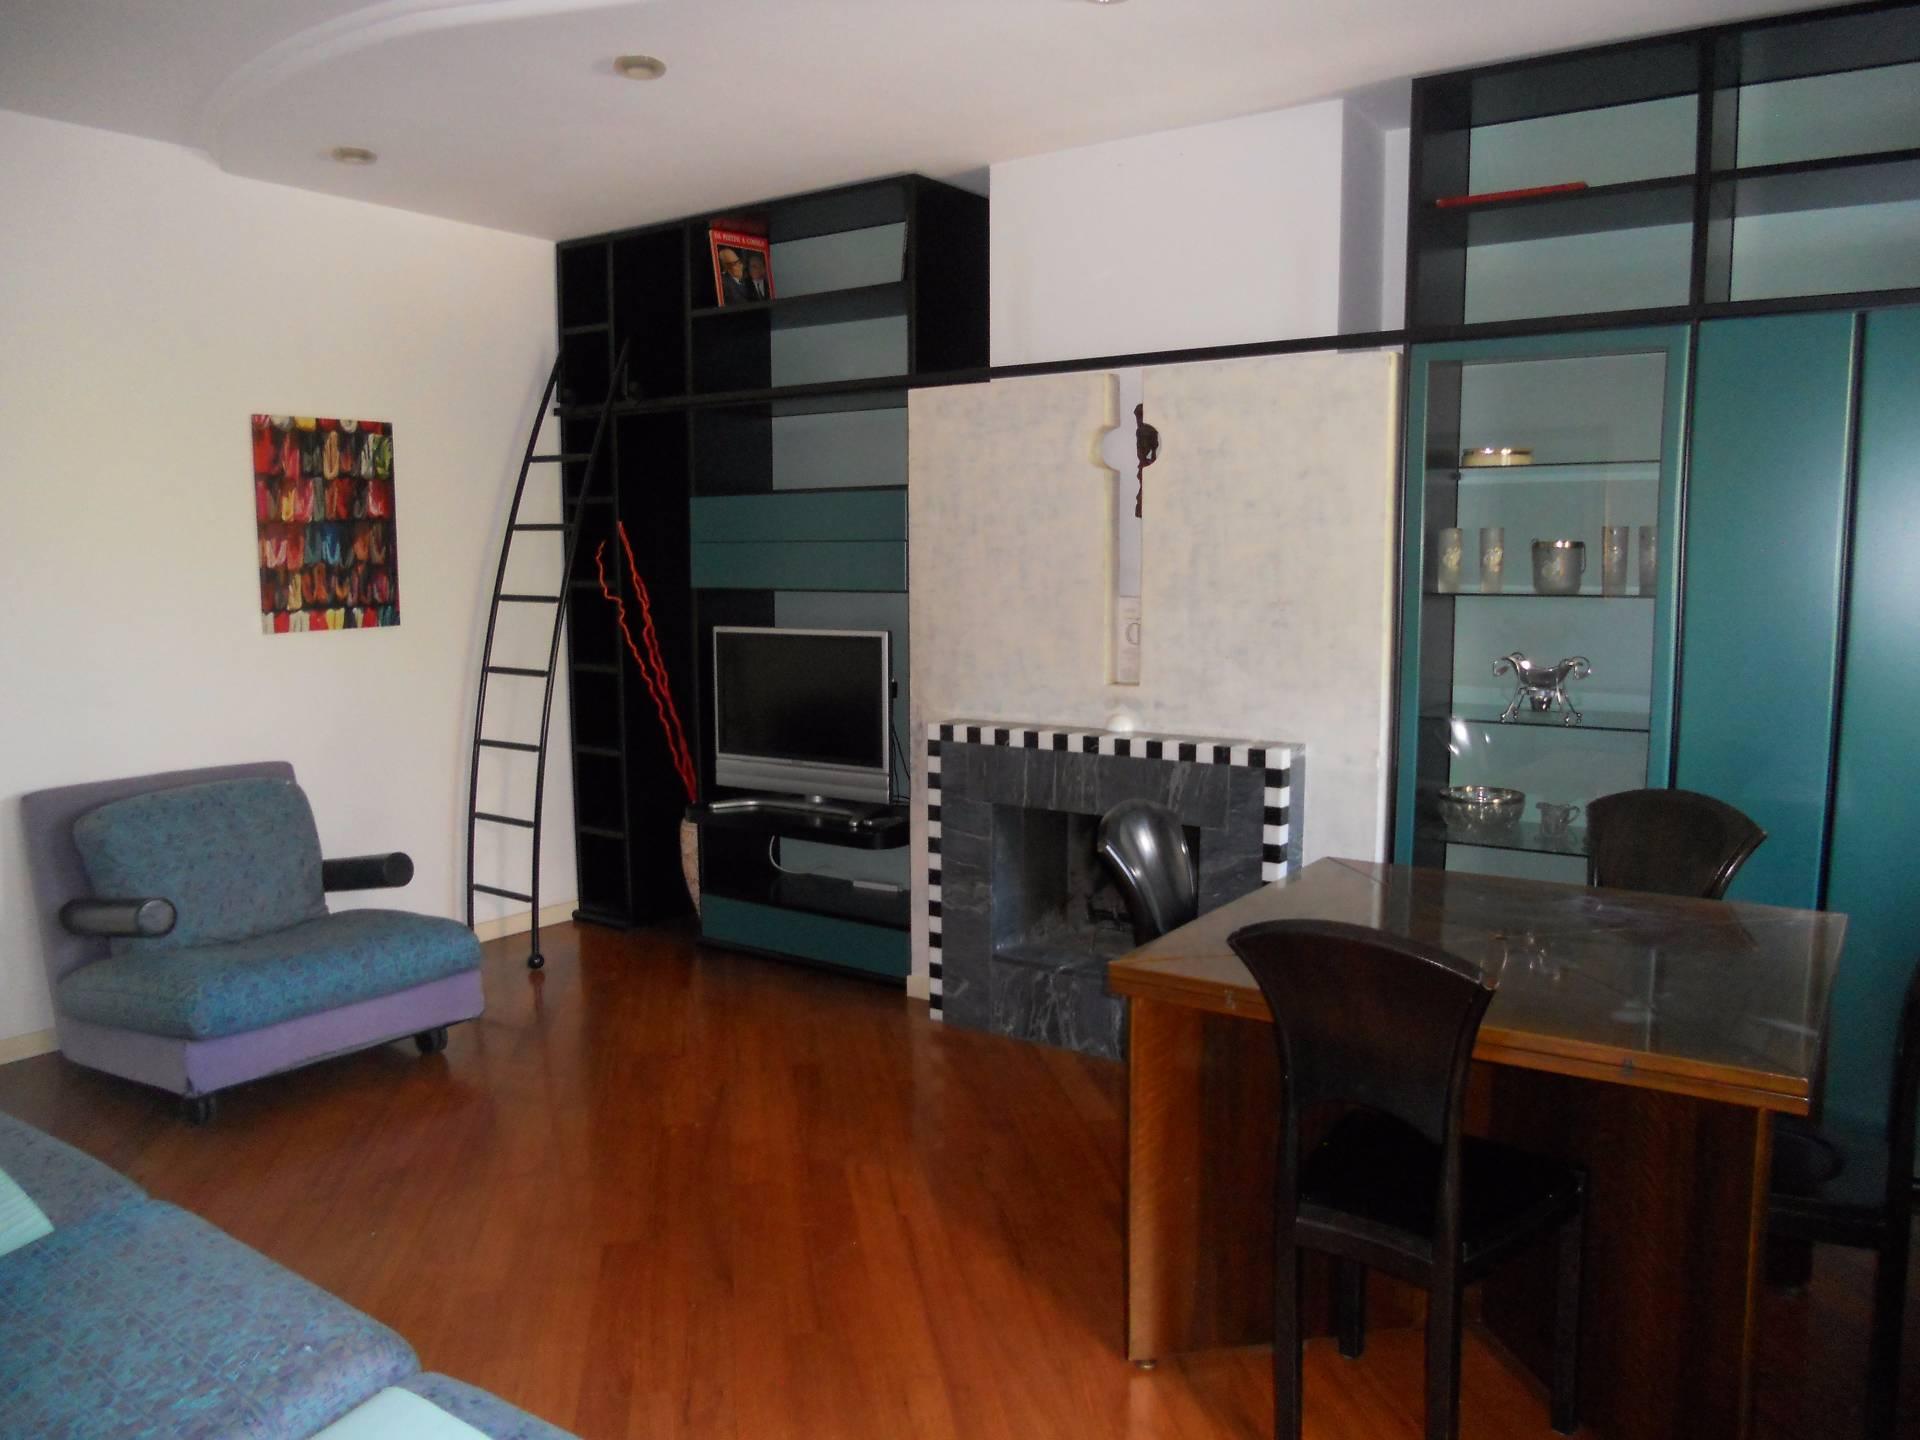 Attico / Mansarda in affitto a Cascina, 5 locali, zona Località: SanLorenzoalleCorti, prezzo € 1.500 | Cambio Casa.it